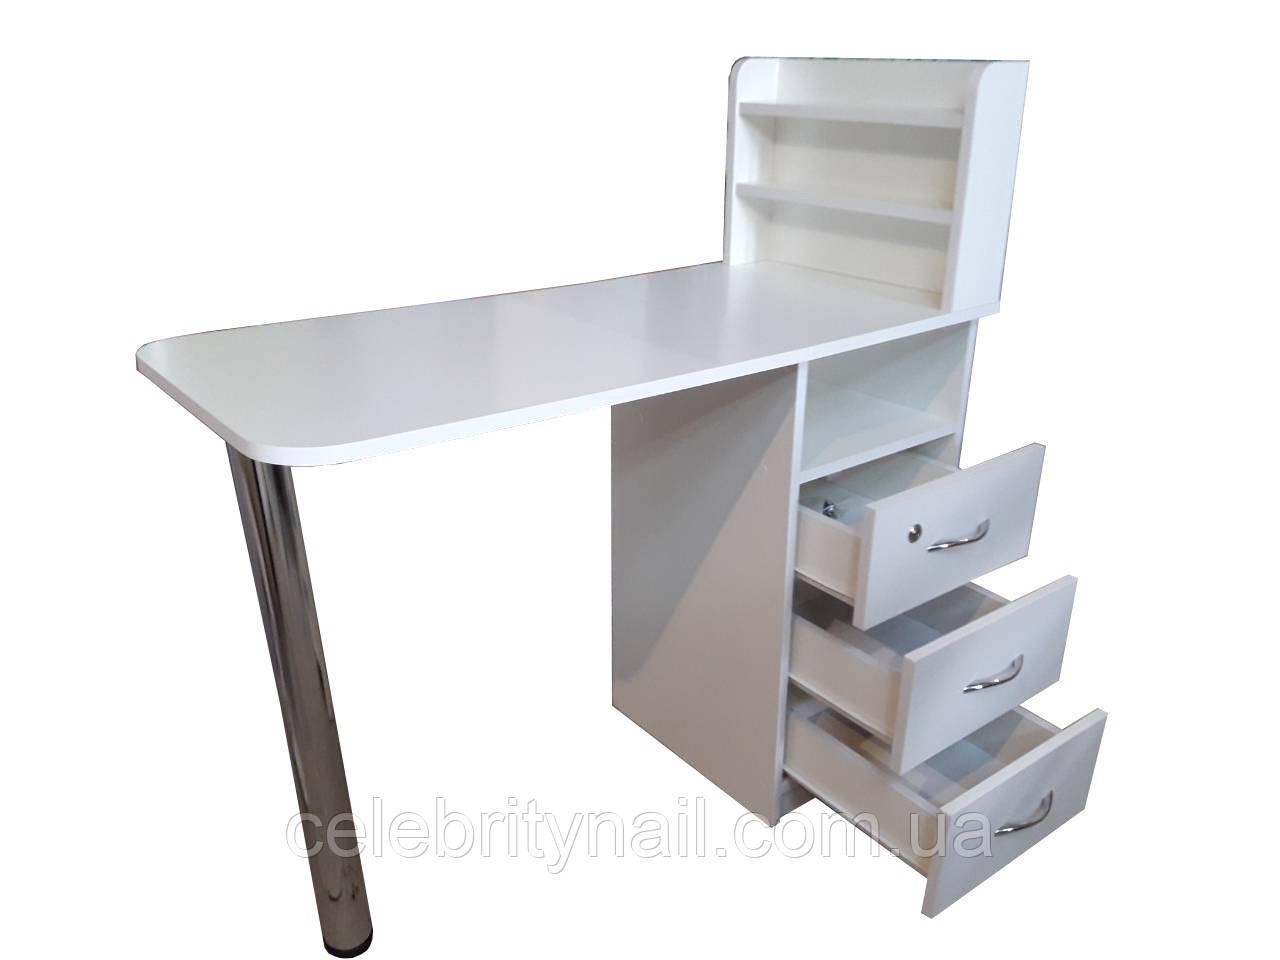 Маникюрный стол Стандарт с полками (прямая столешница )